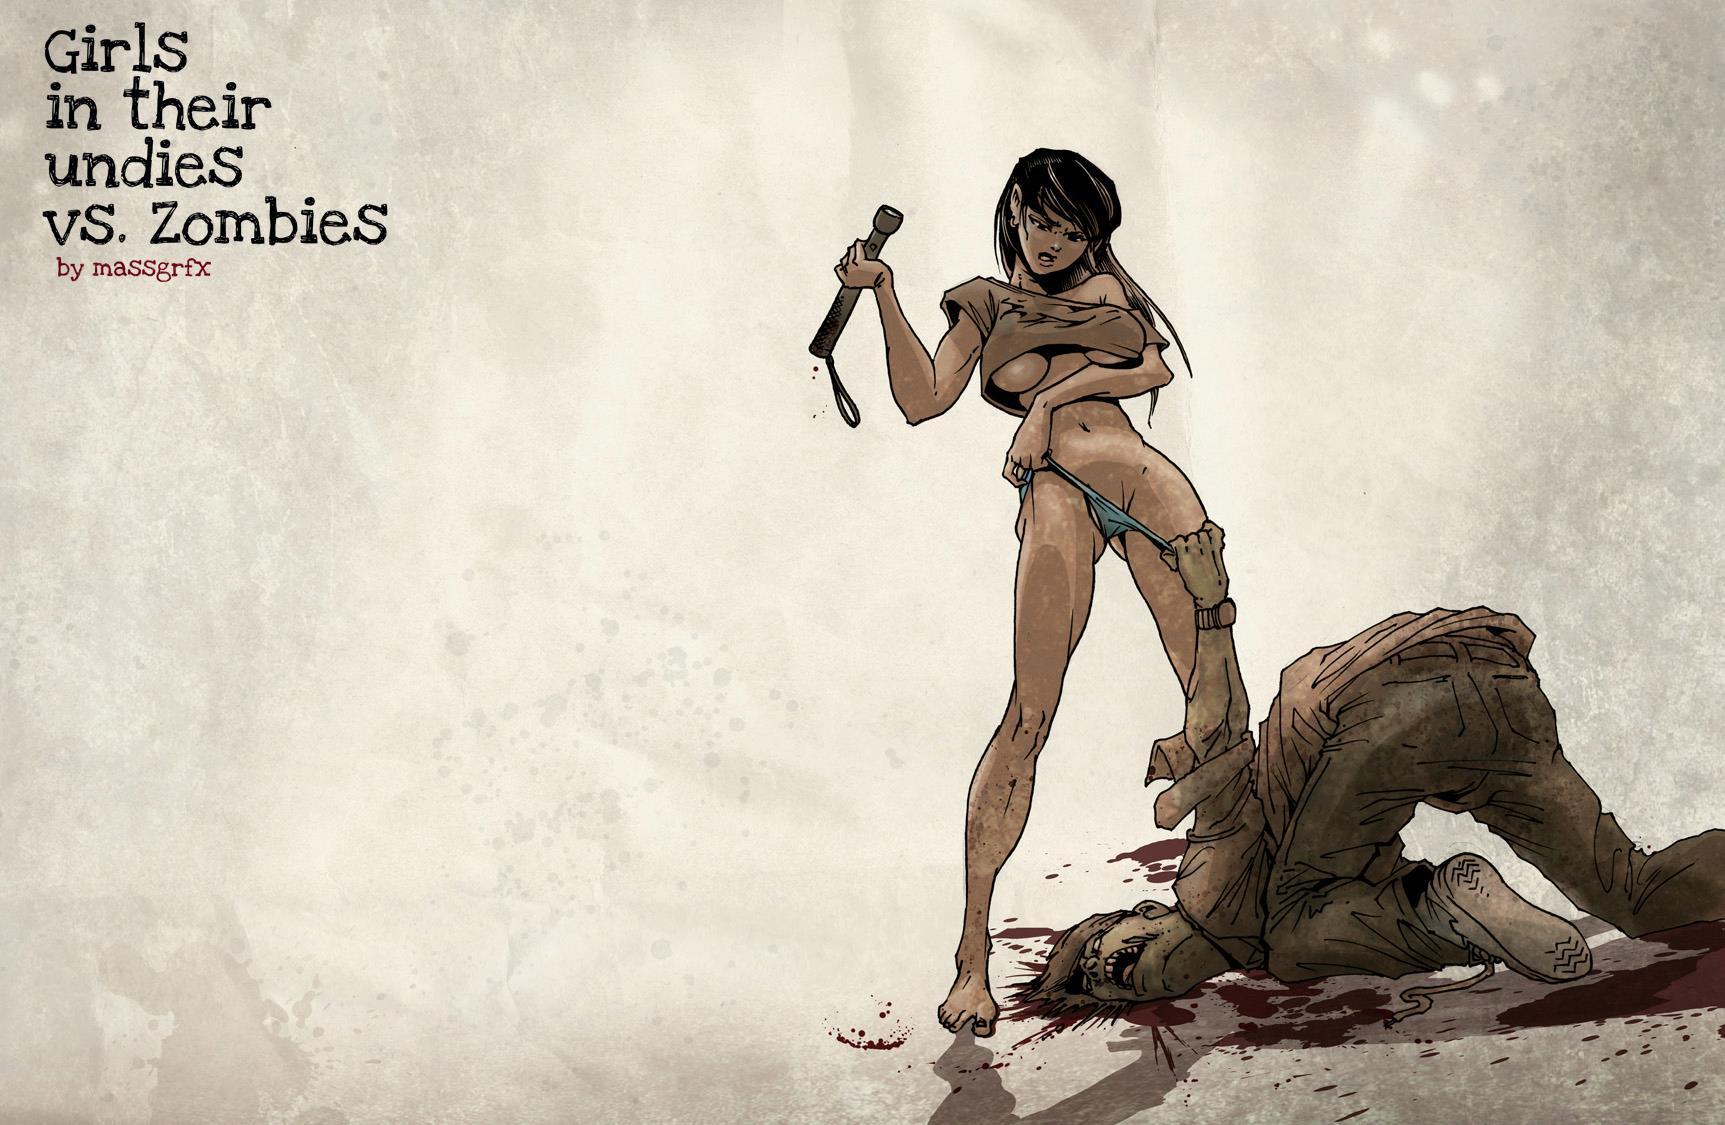 undie-zombie-3